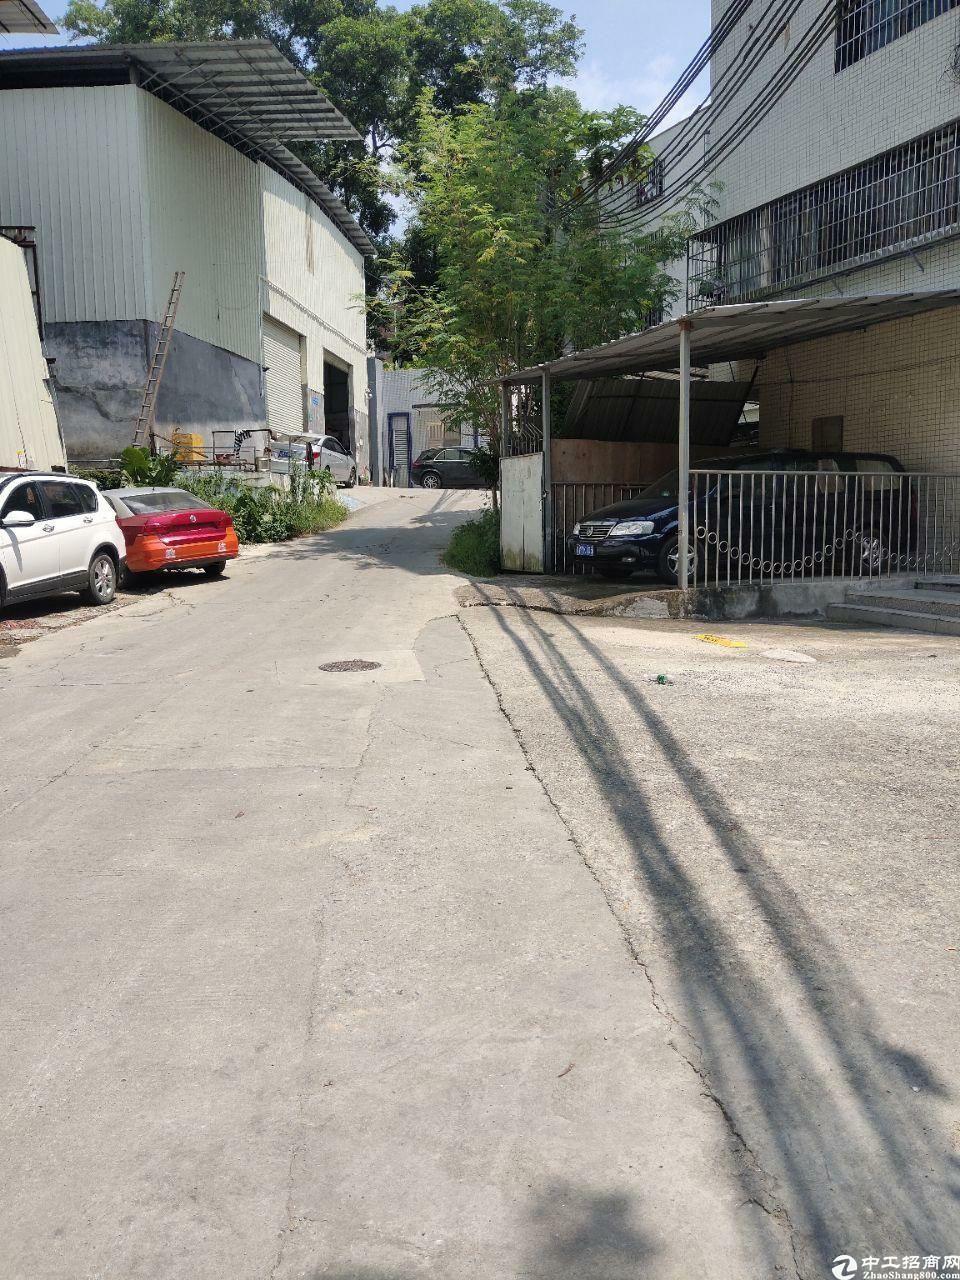 广州天河龙洞街新出仓库300方有空地好进车,只租25元